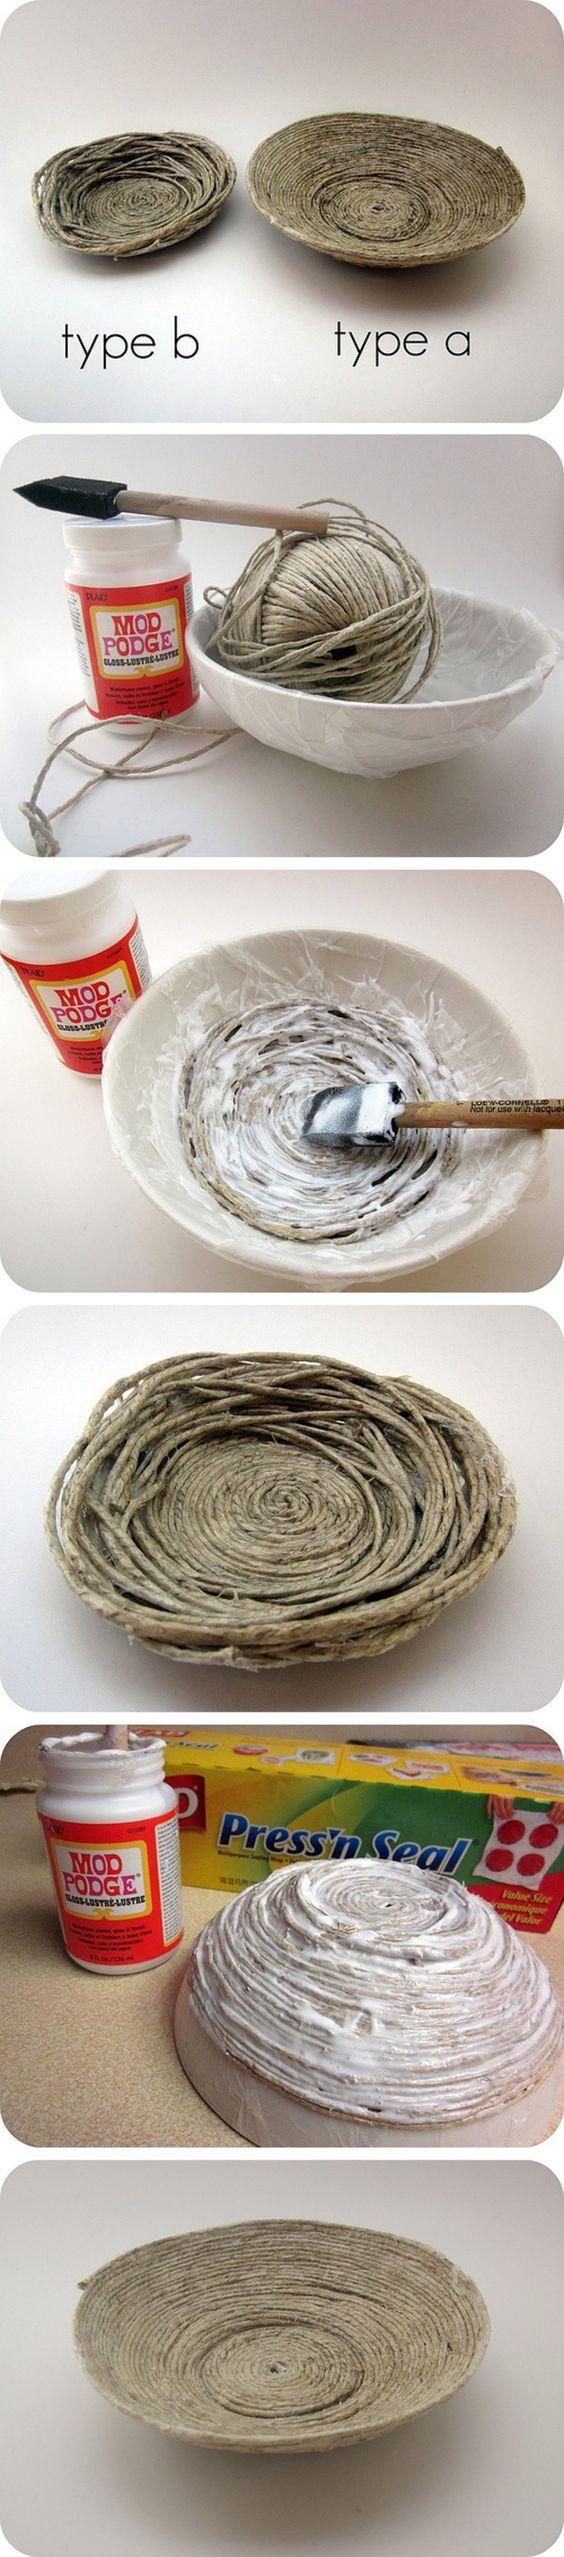 麻绳小碗碗